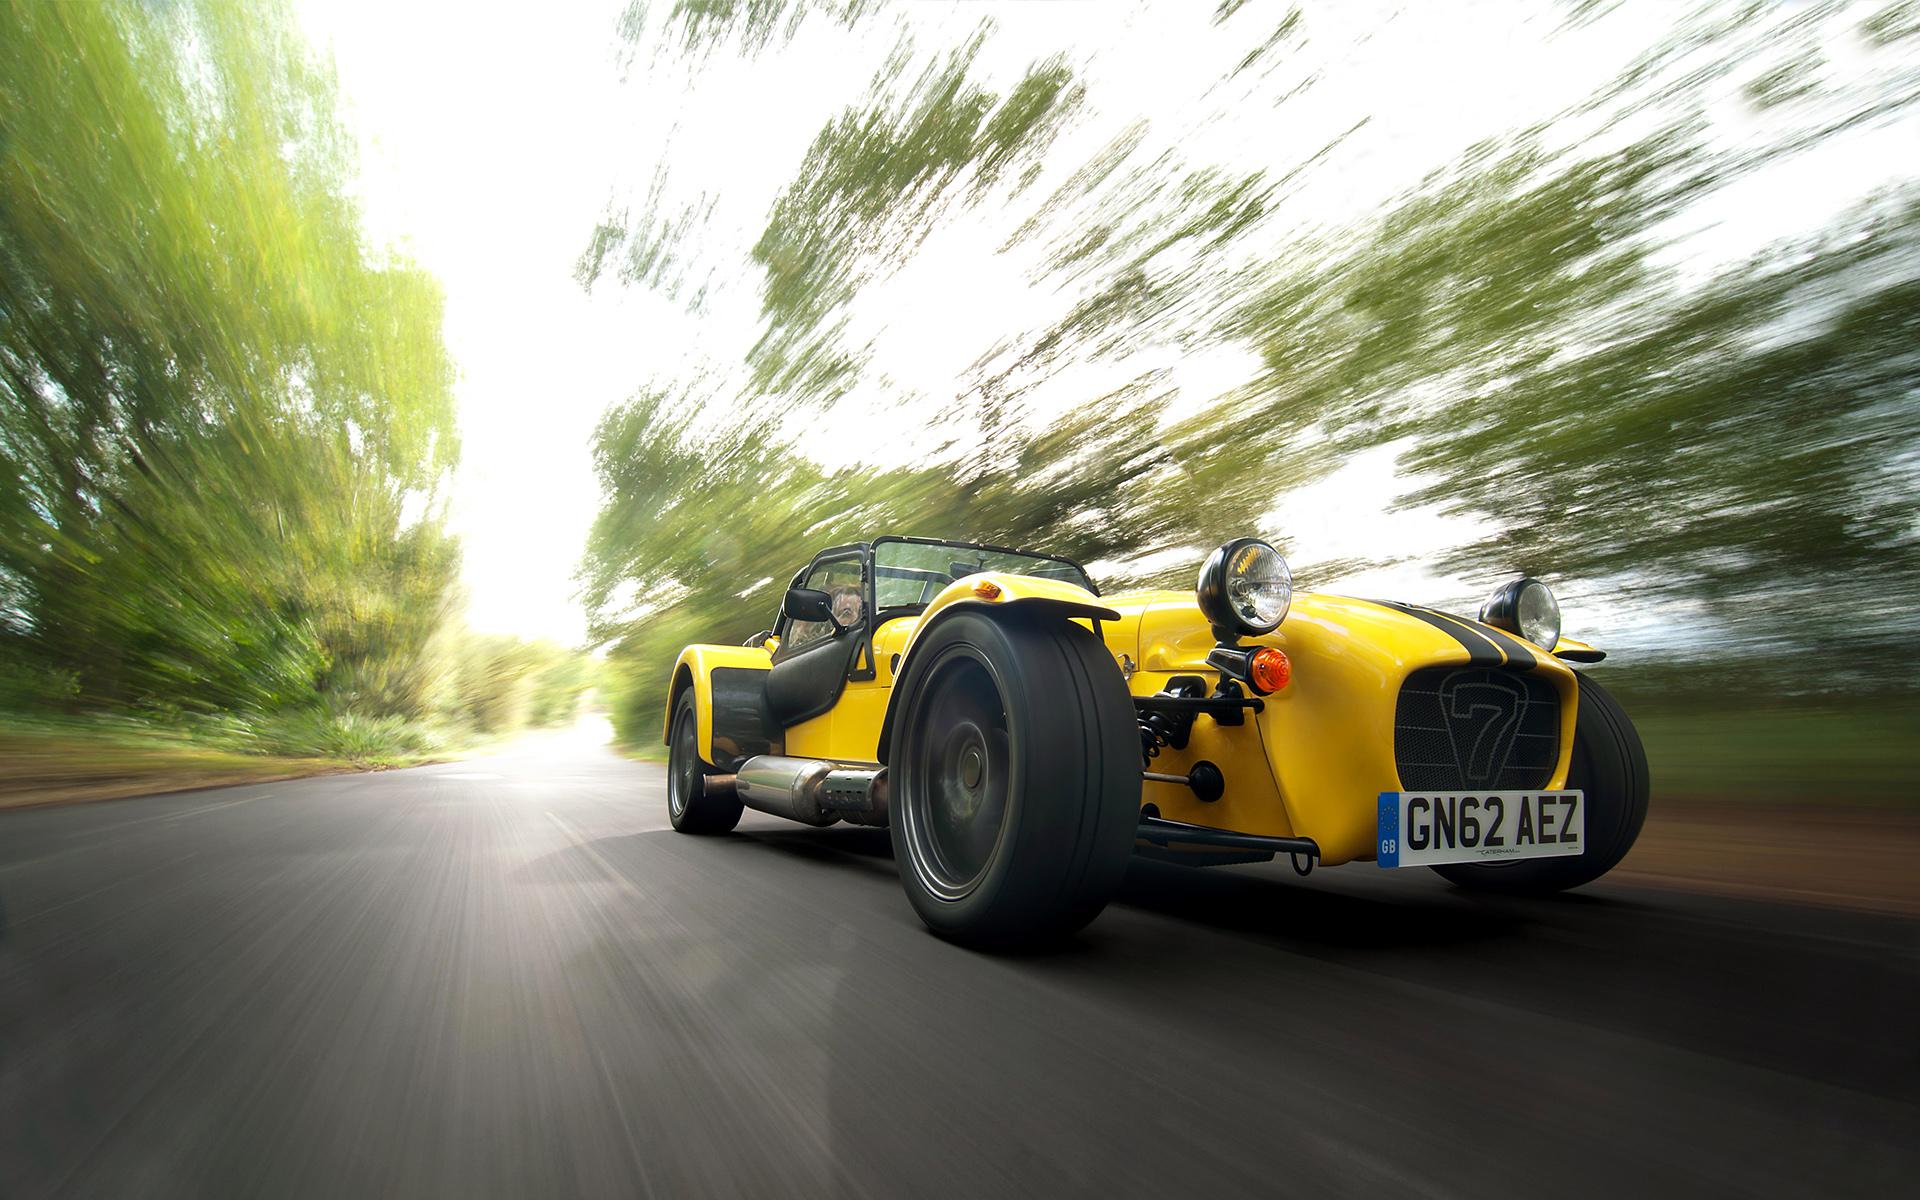 Caterham Supersport R - 1920x1200